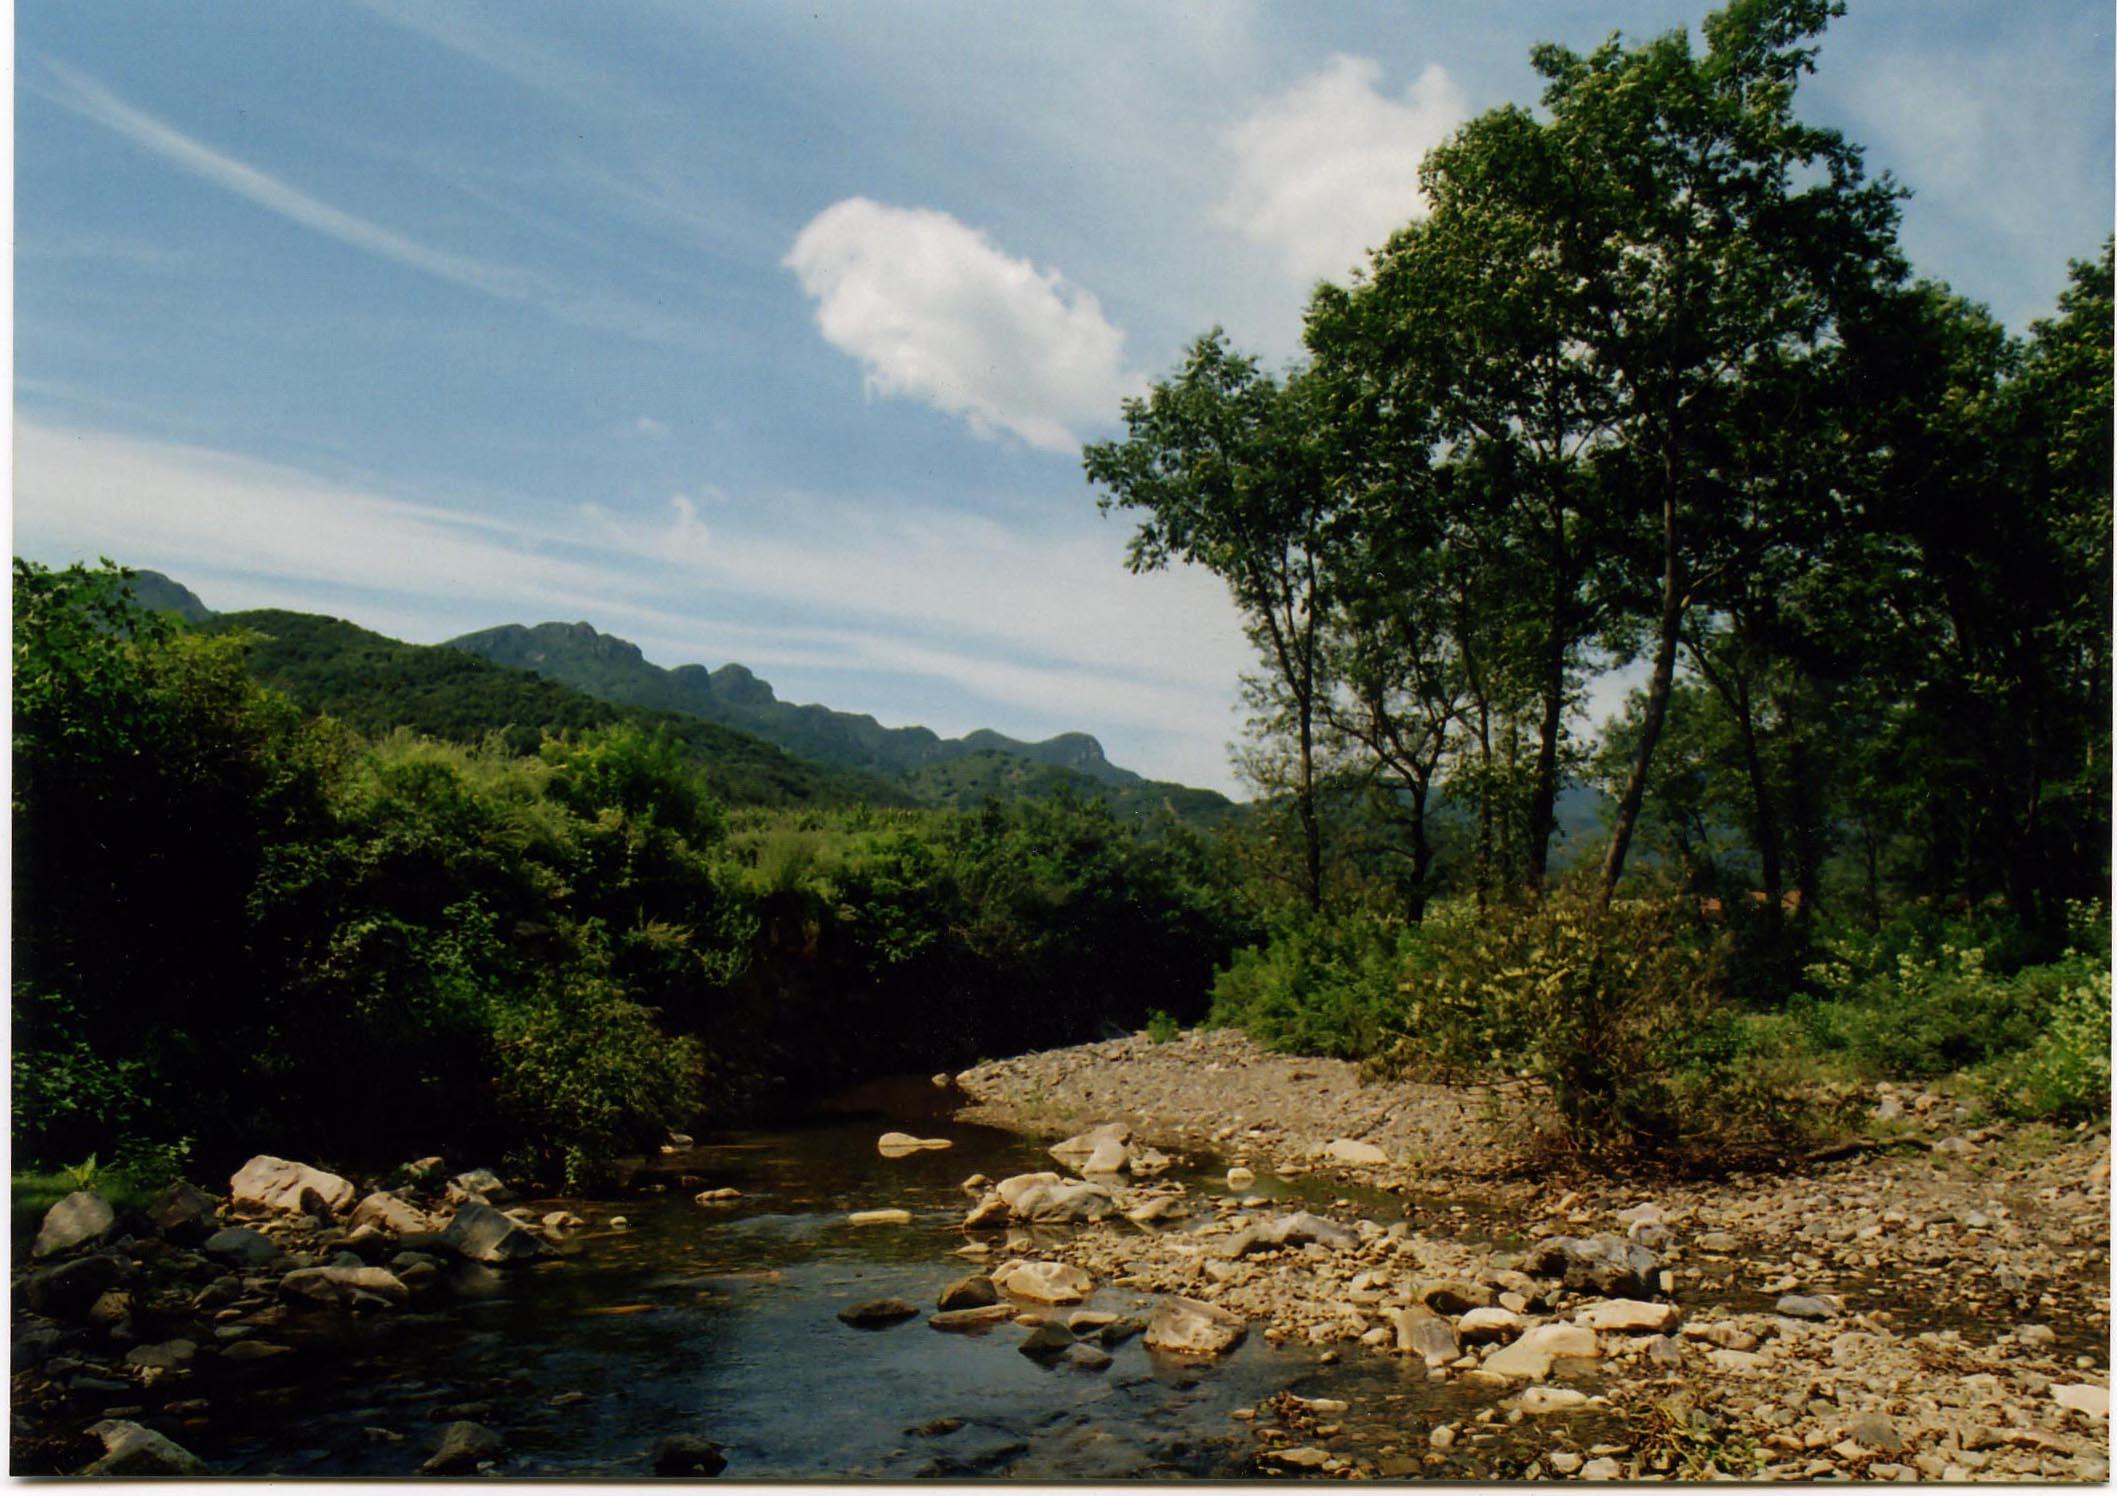 凤鸣谷森林公园位遂平县境内,地处伏牛山东缘余脉,总面积25平方公里,是以奇特的自然风景为主体,以悠久的历史文化为内涵,以淳朴的民俗风情为特色,融休闲、探险、猎奇、科学考察为一体的综合型景区。   凤鸣谷森林公园处于亚热带向暖温带的过渡地和南北动植物的交汇地,动植物资源极其丰富,森林覆盖率达95%以上。凤鸣谷常年降雨充沛,流水潺潺,非常适合动植物的生长,谷中古木参天,盘根错节,奇花异草,四季漂香。有各种林木近千种,中草药材120多种,野生动物50多种,林、果、花、草应有尽有,鸟、兽、蝶、鱼来往出没,瀑、